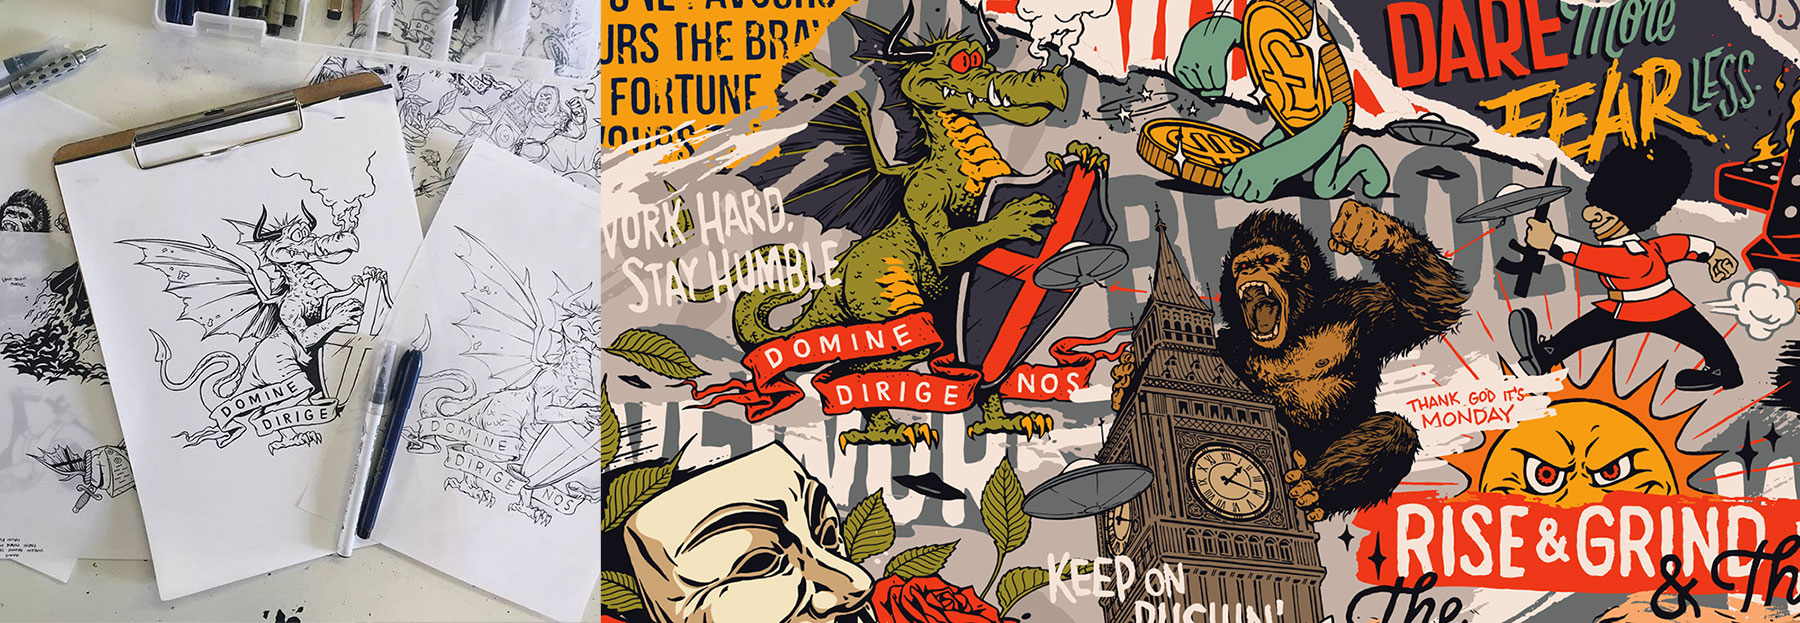 WeWork London Mural